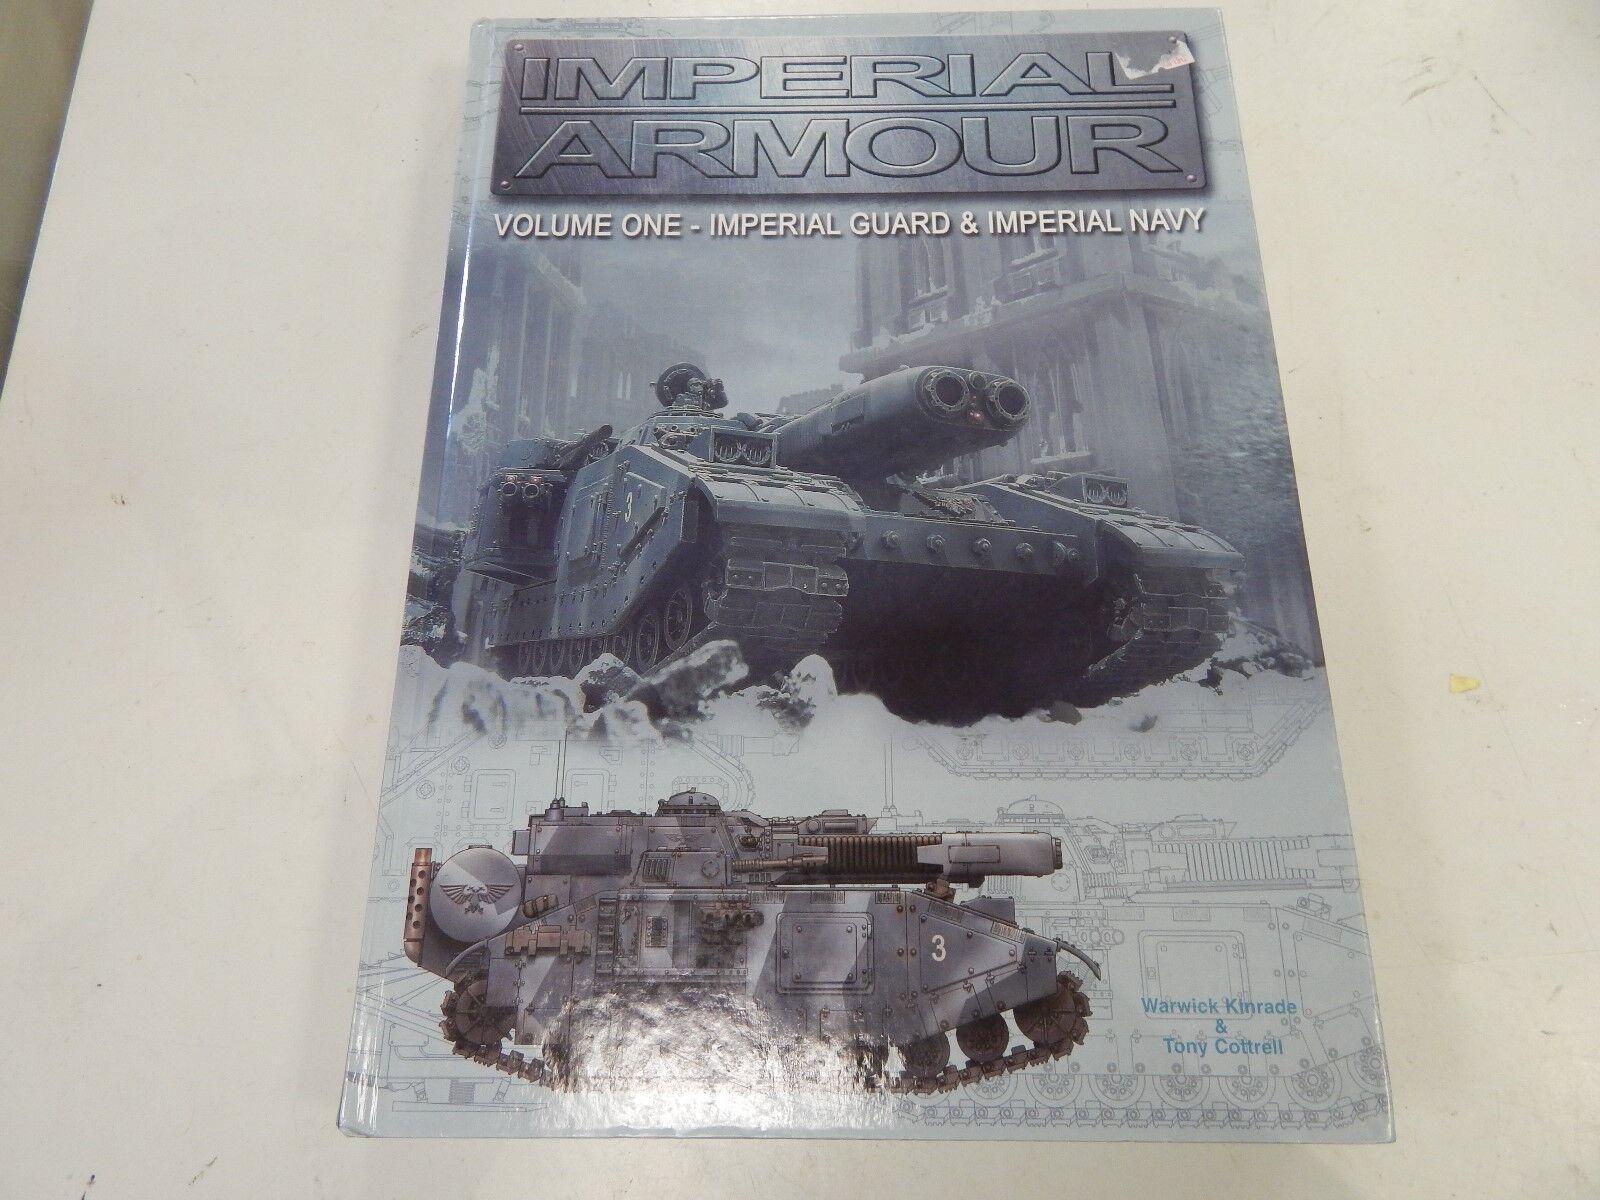 Imperial Amour Vol1-Imperial Guard & Imperial Navy Edición De Tapa Dura